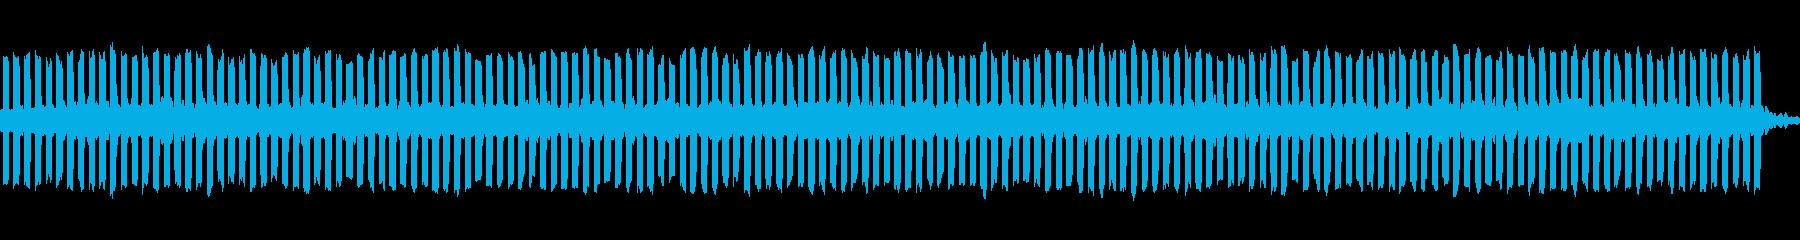 テレパシーの再生済みの波形